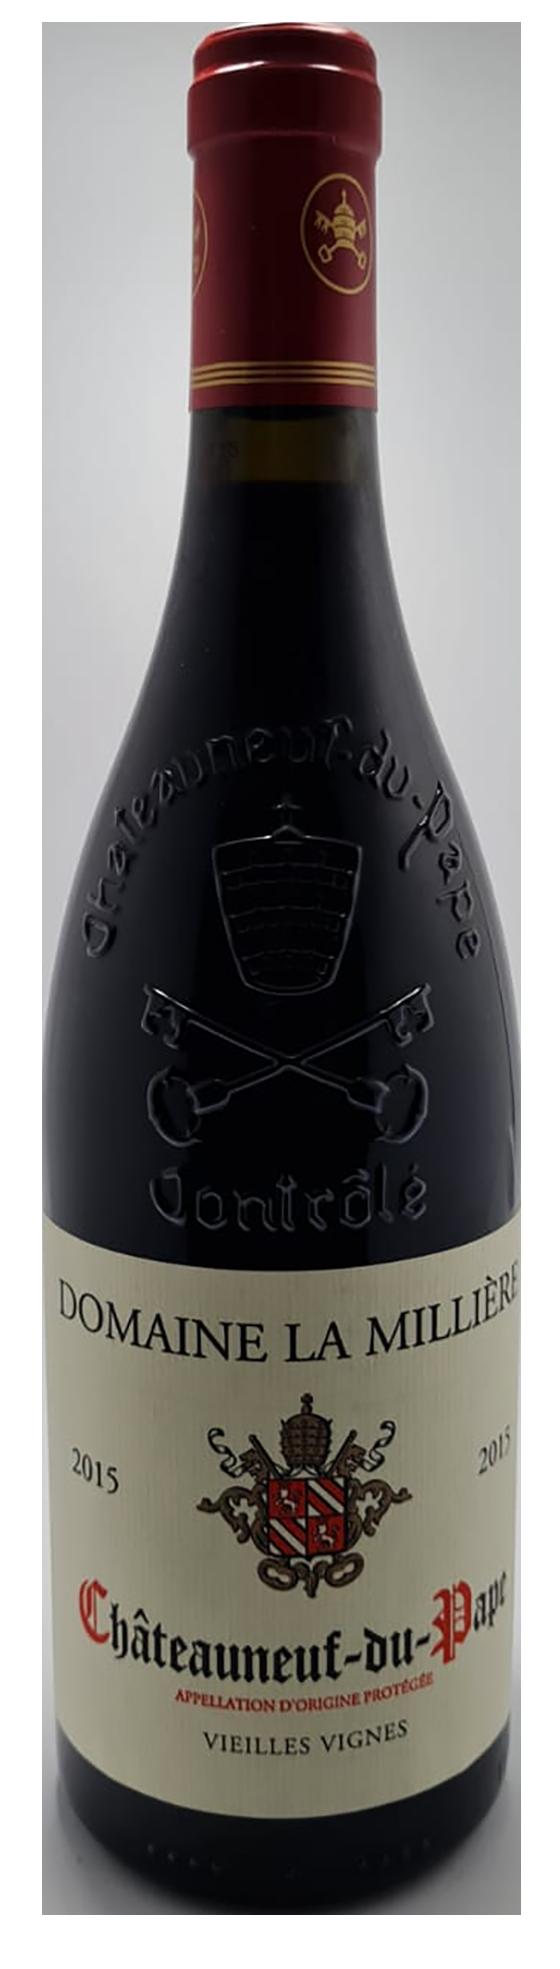 bouteille de vin rouge bio, appellation château-neuf-du-pape rouge 2015, domaine la Millière